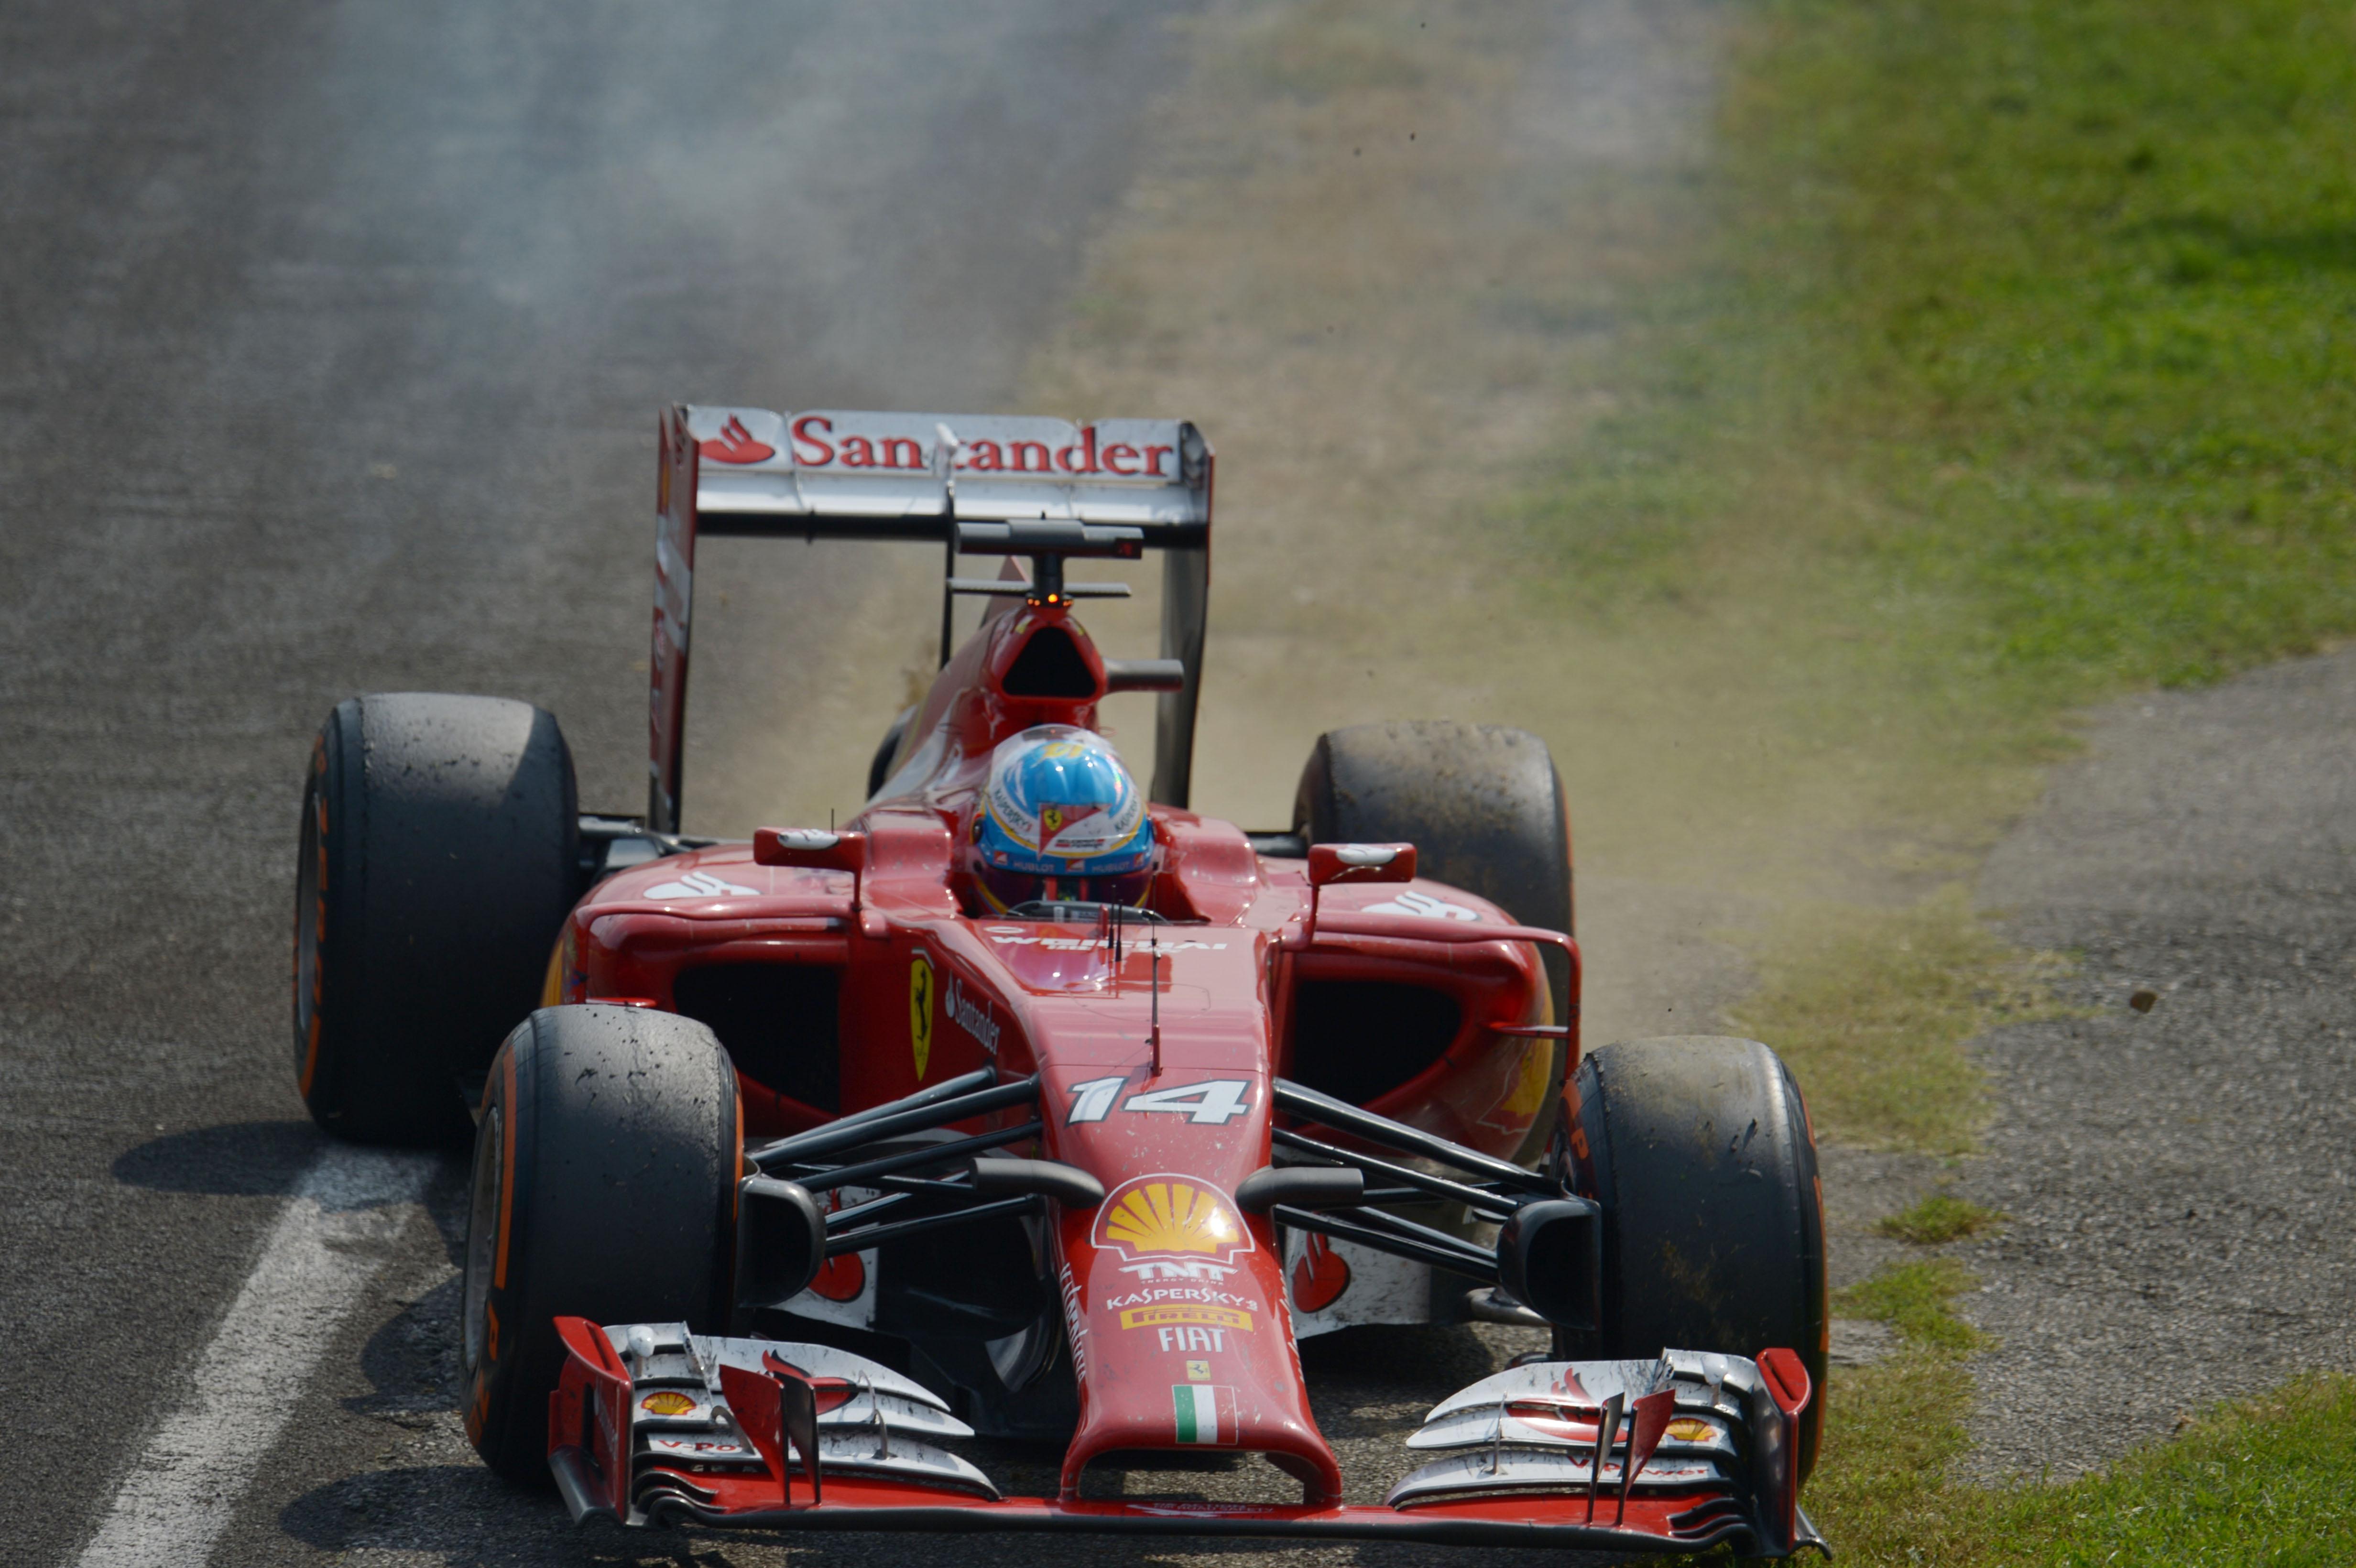 Fernando Alonso Ferrari retires Italian Grand Prix 2014 Monza